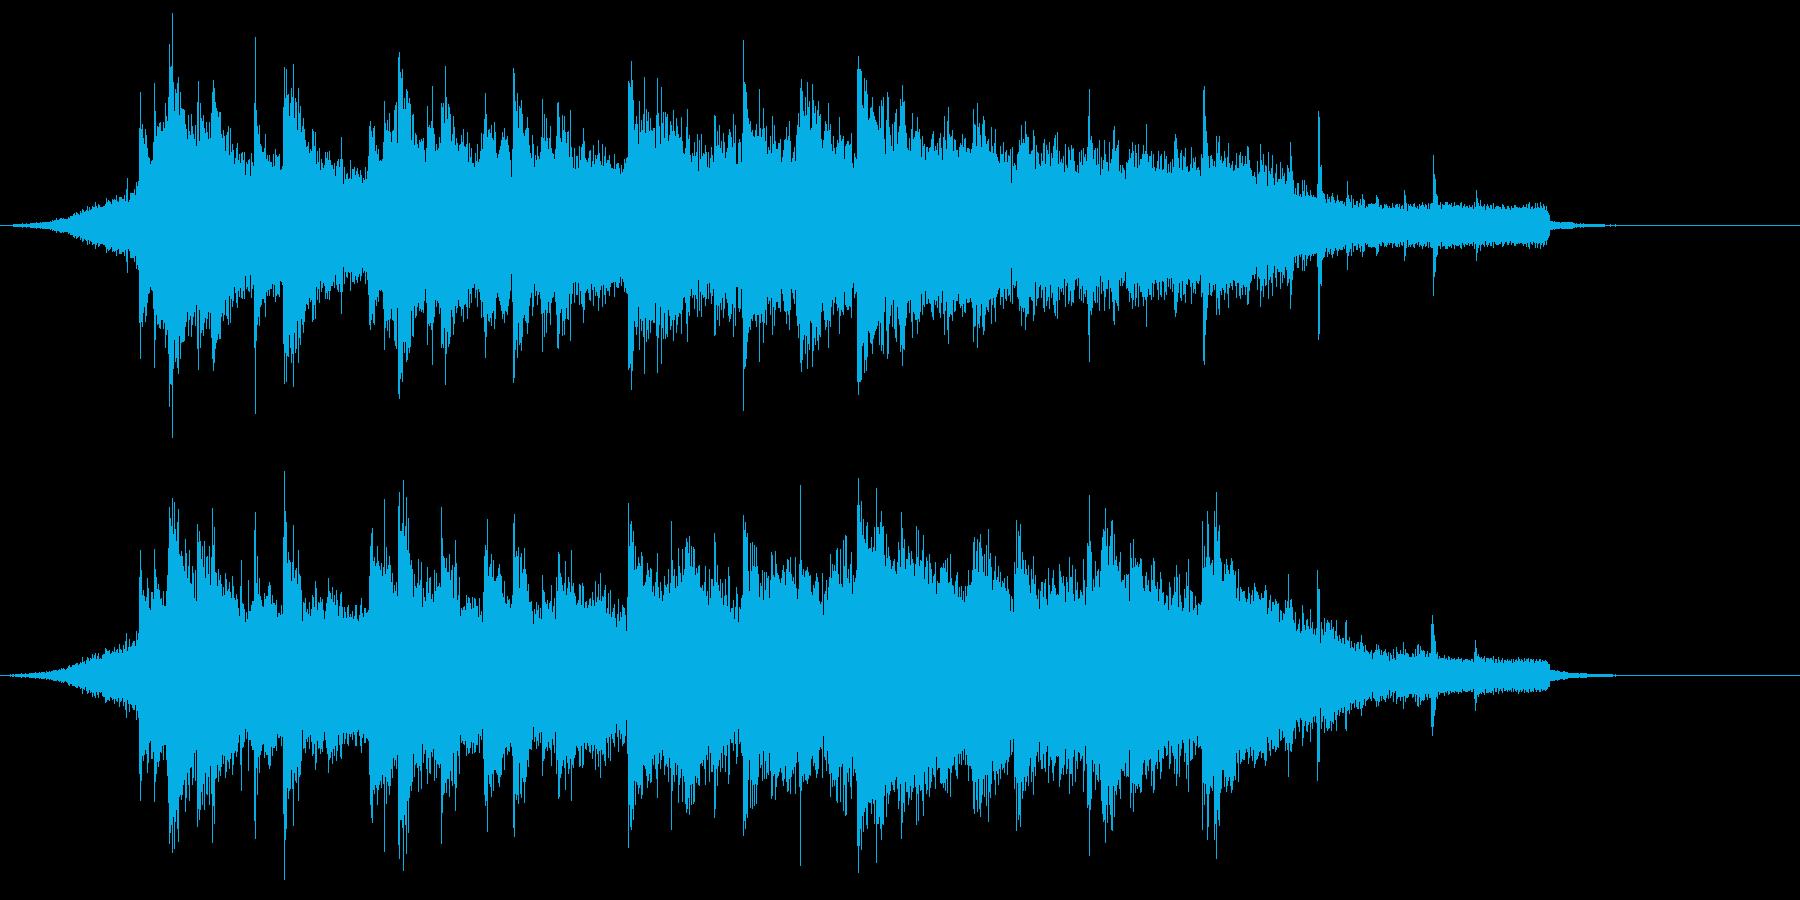 幻想的 和風Popsアレンジ ジングルの再生済みの波形